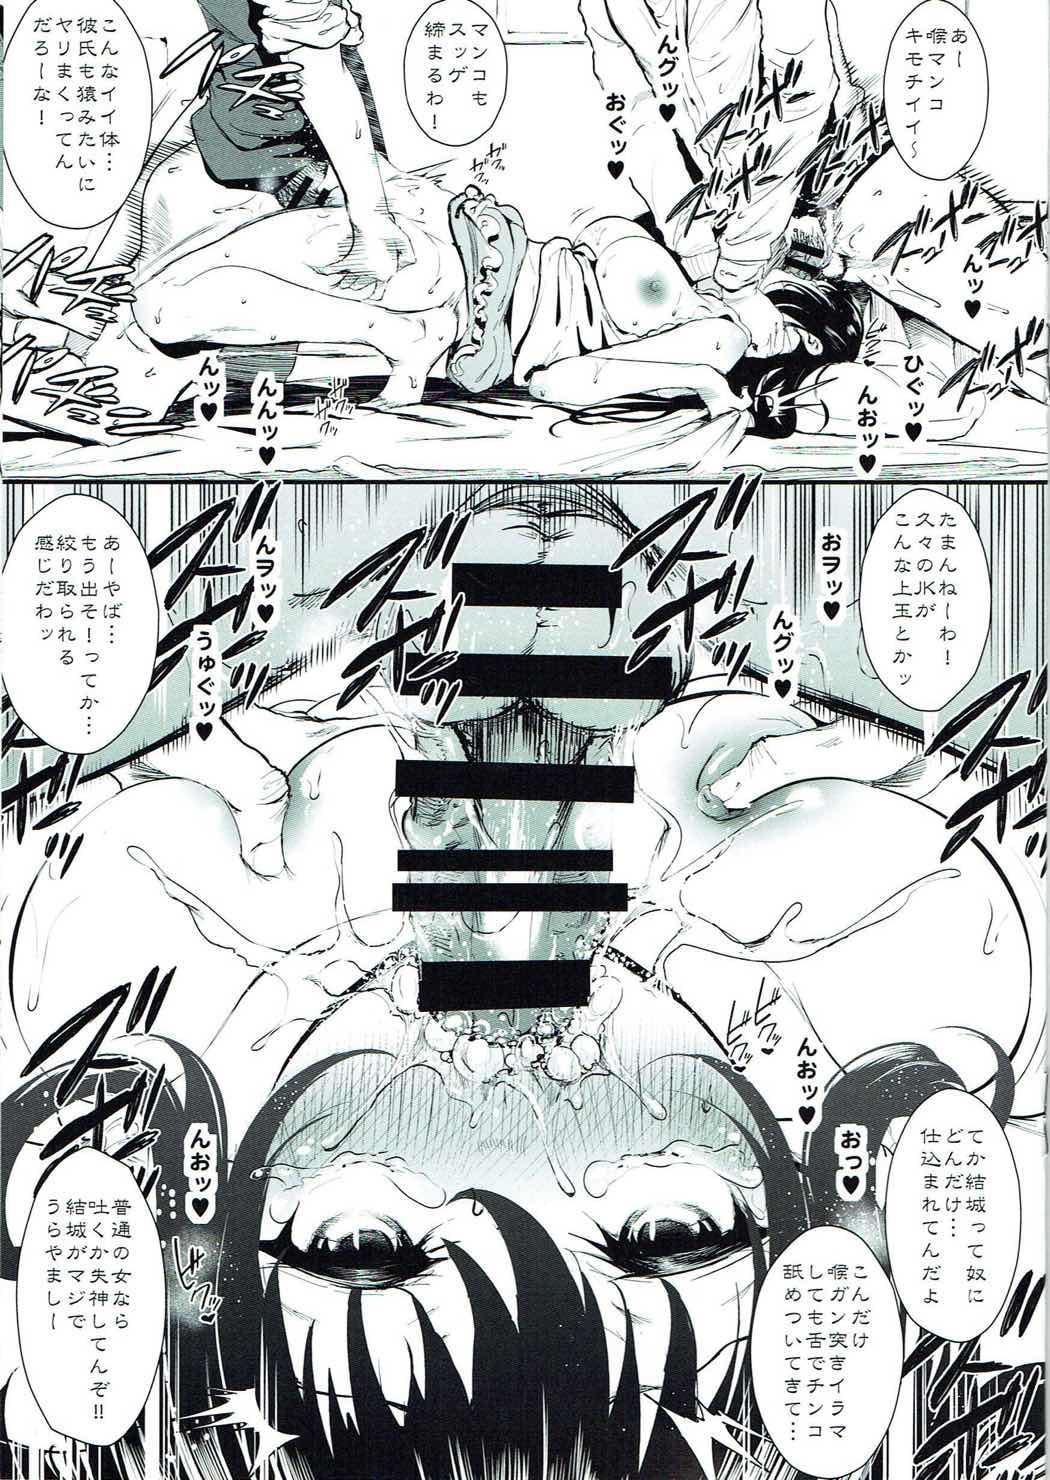 Yui-chan ga Warui Daigakusei ni Yowasare Yari Nigesarechau Hon 4